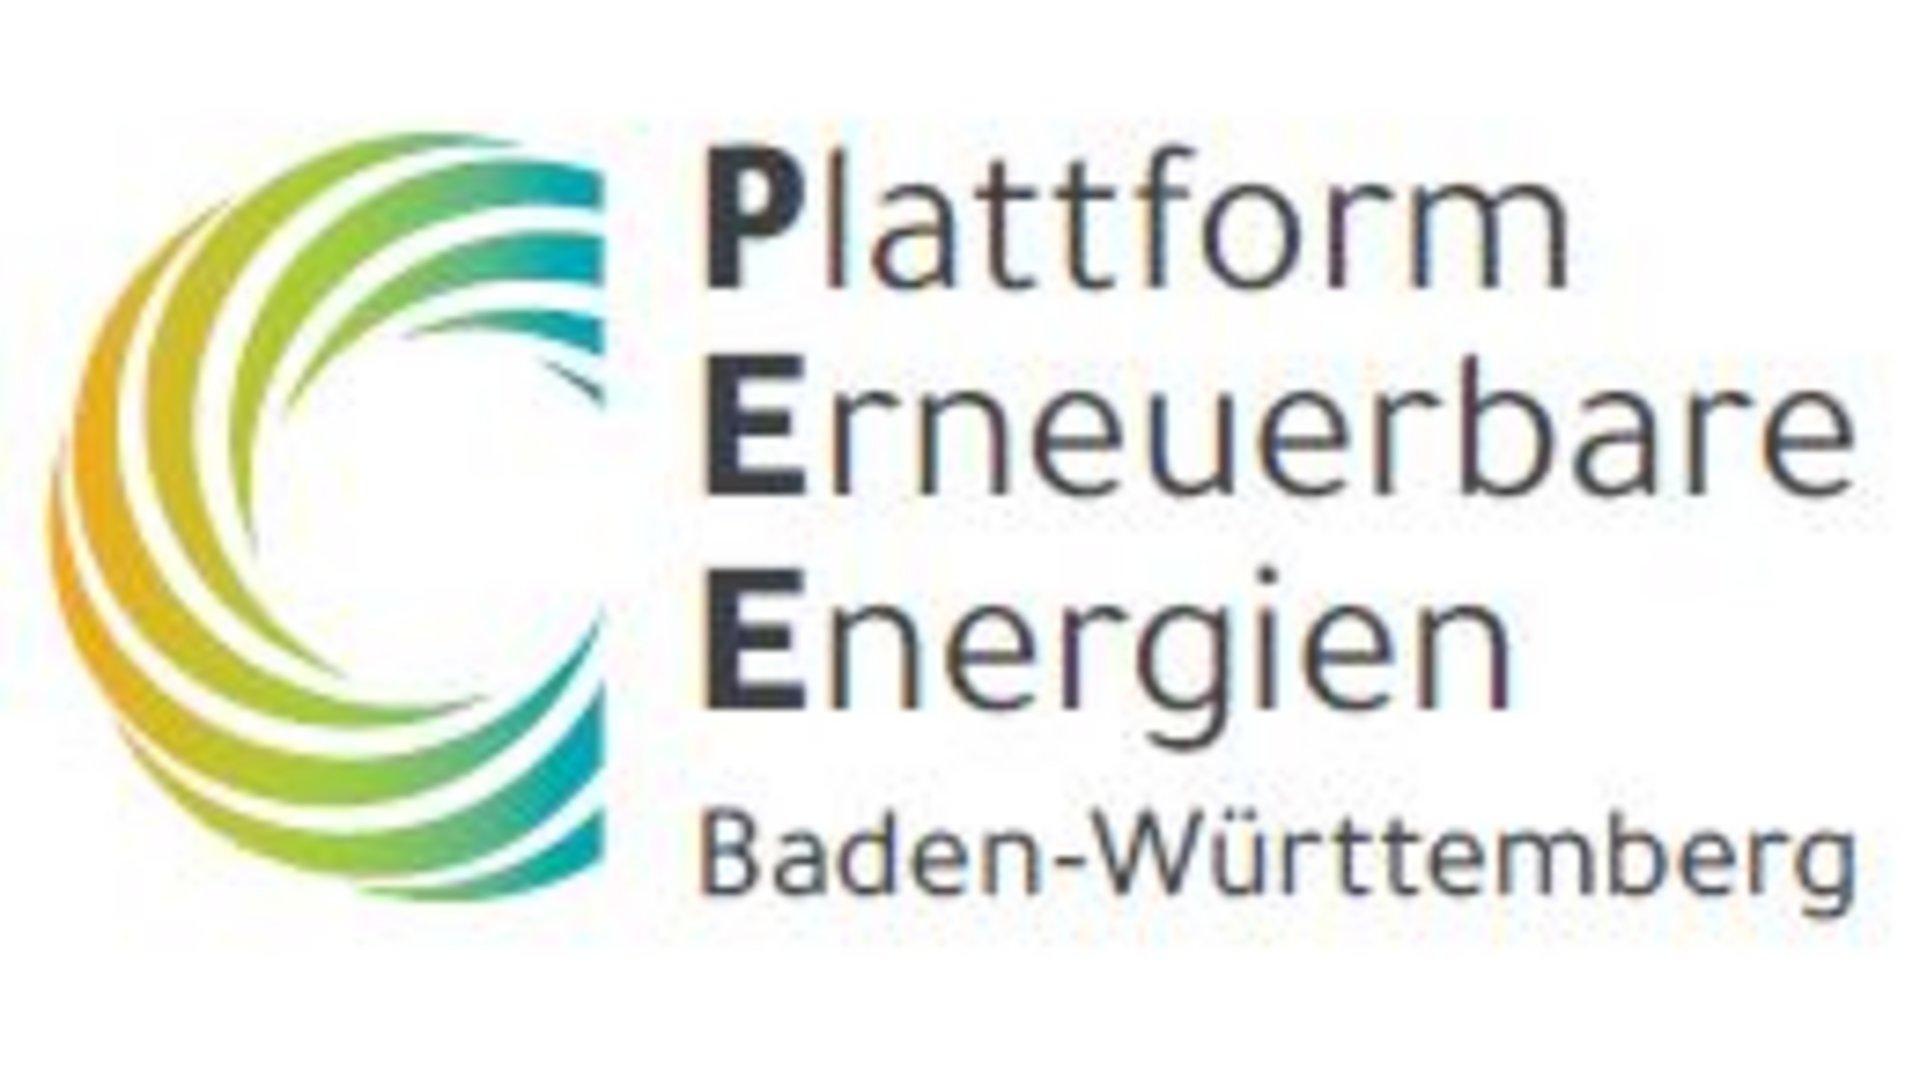 Logo der Plattform Erneuerbare Energien BW